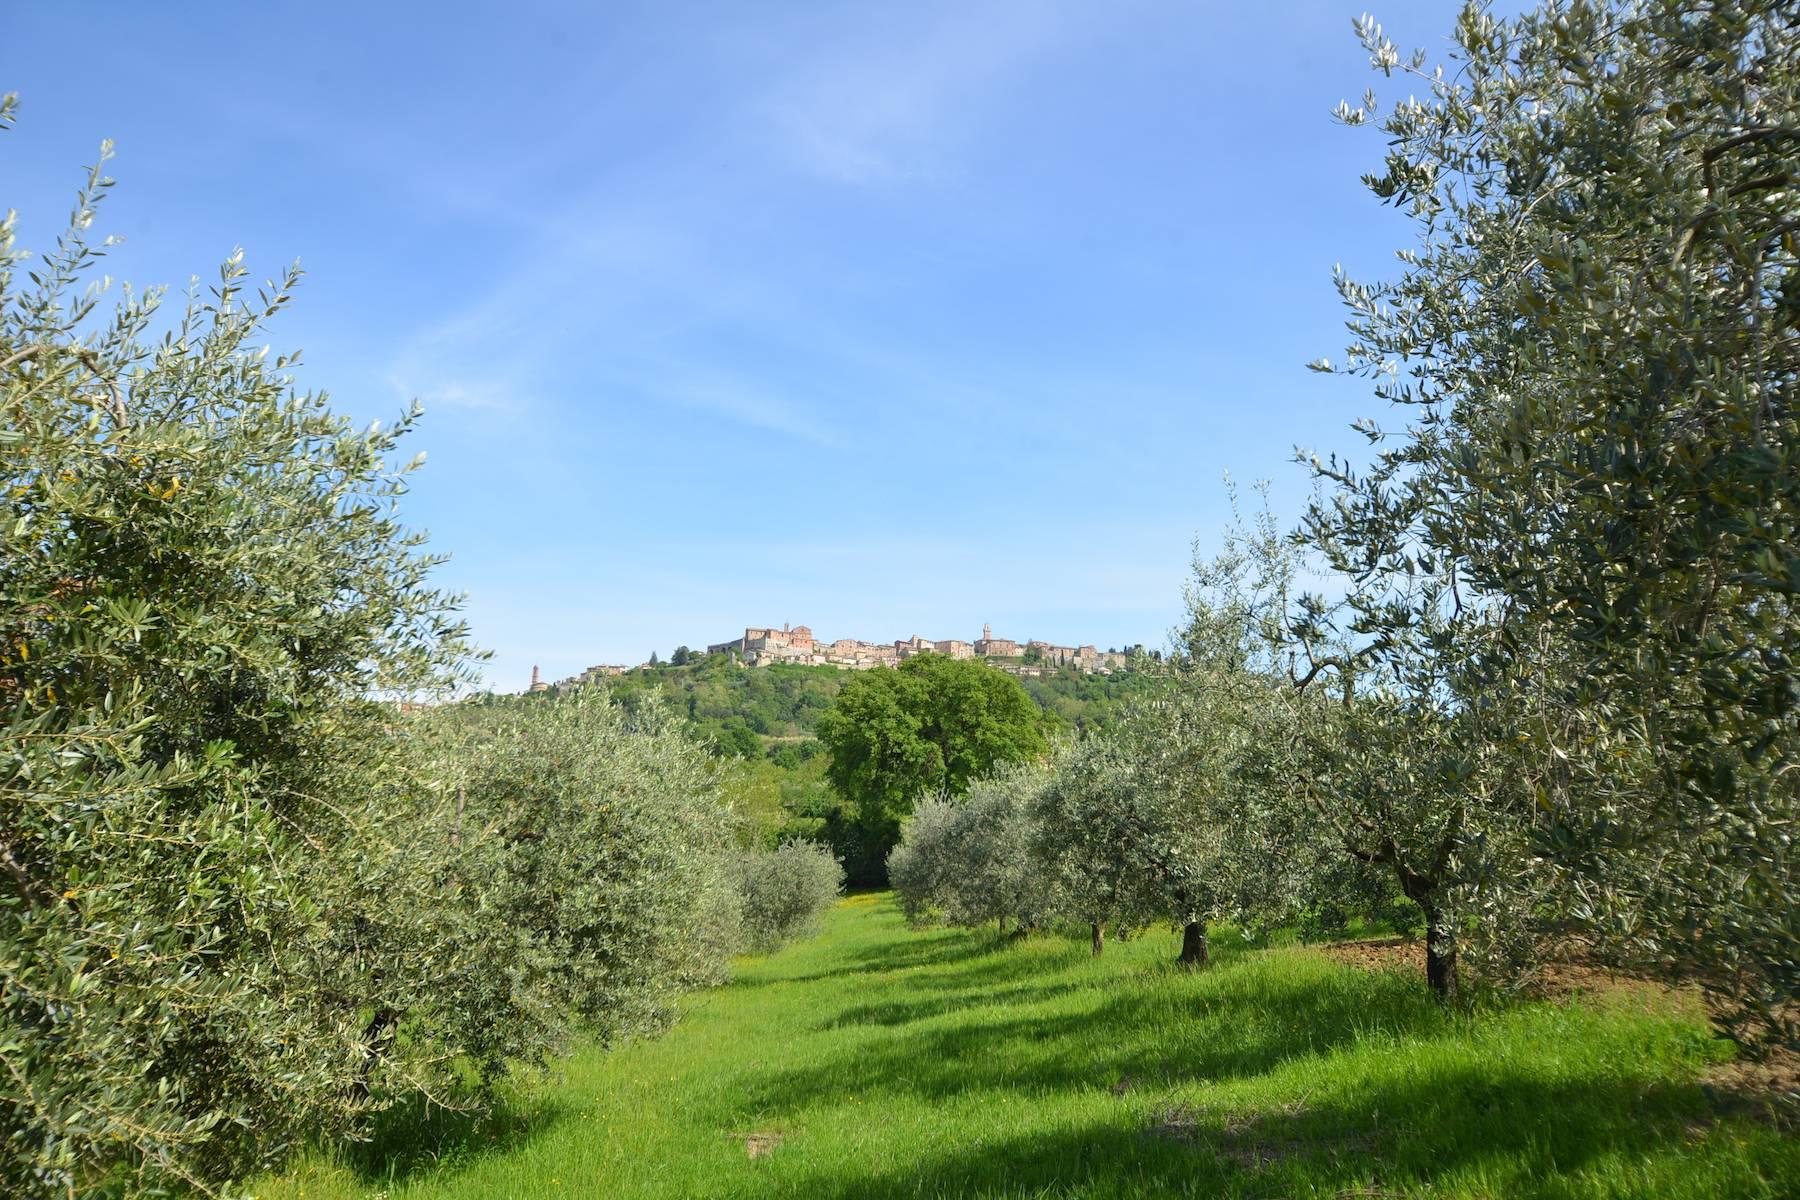 Rustico in Vendita a Montepulciano: 5 locali, 561 mq - Foto 13